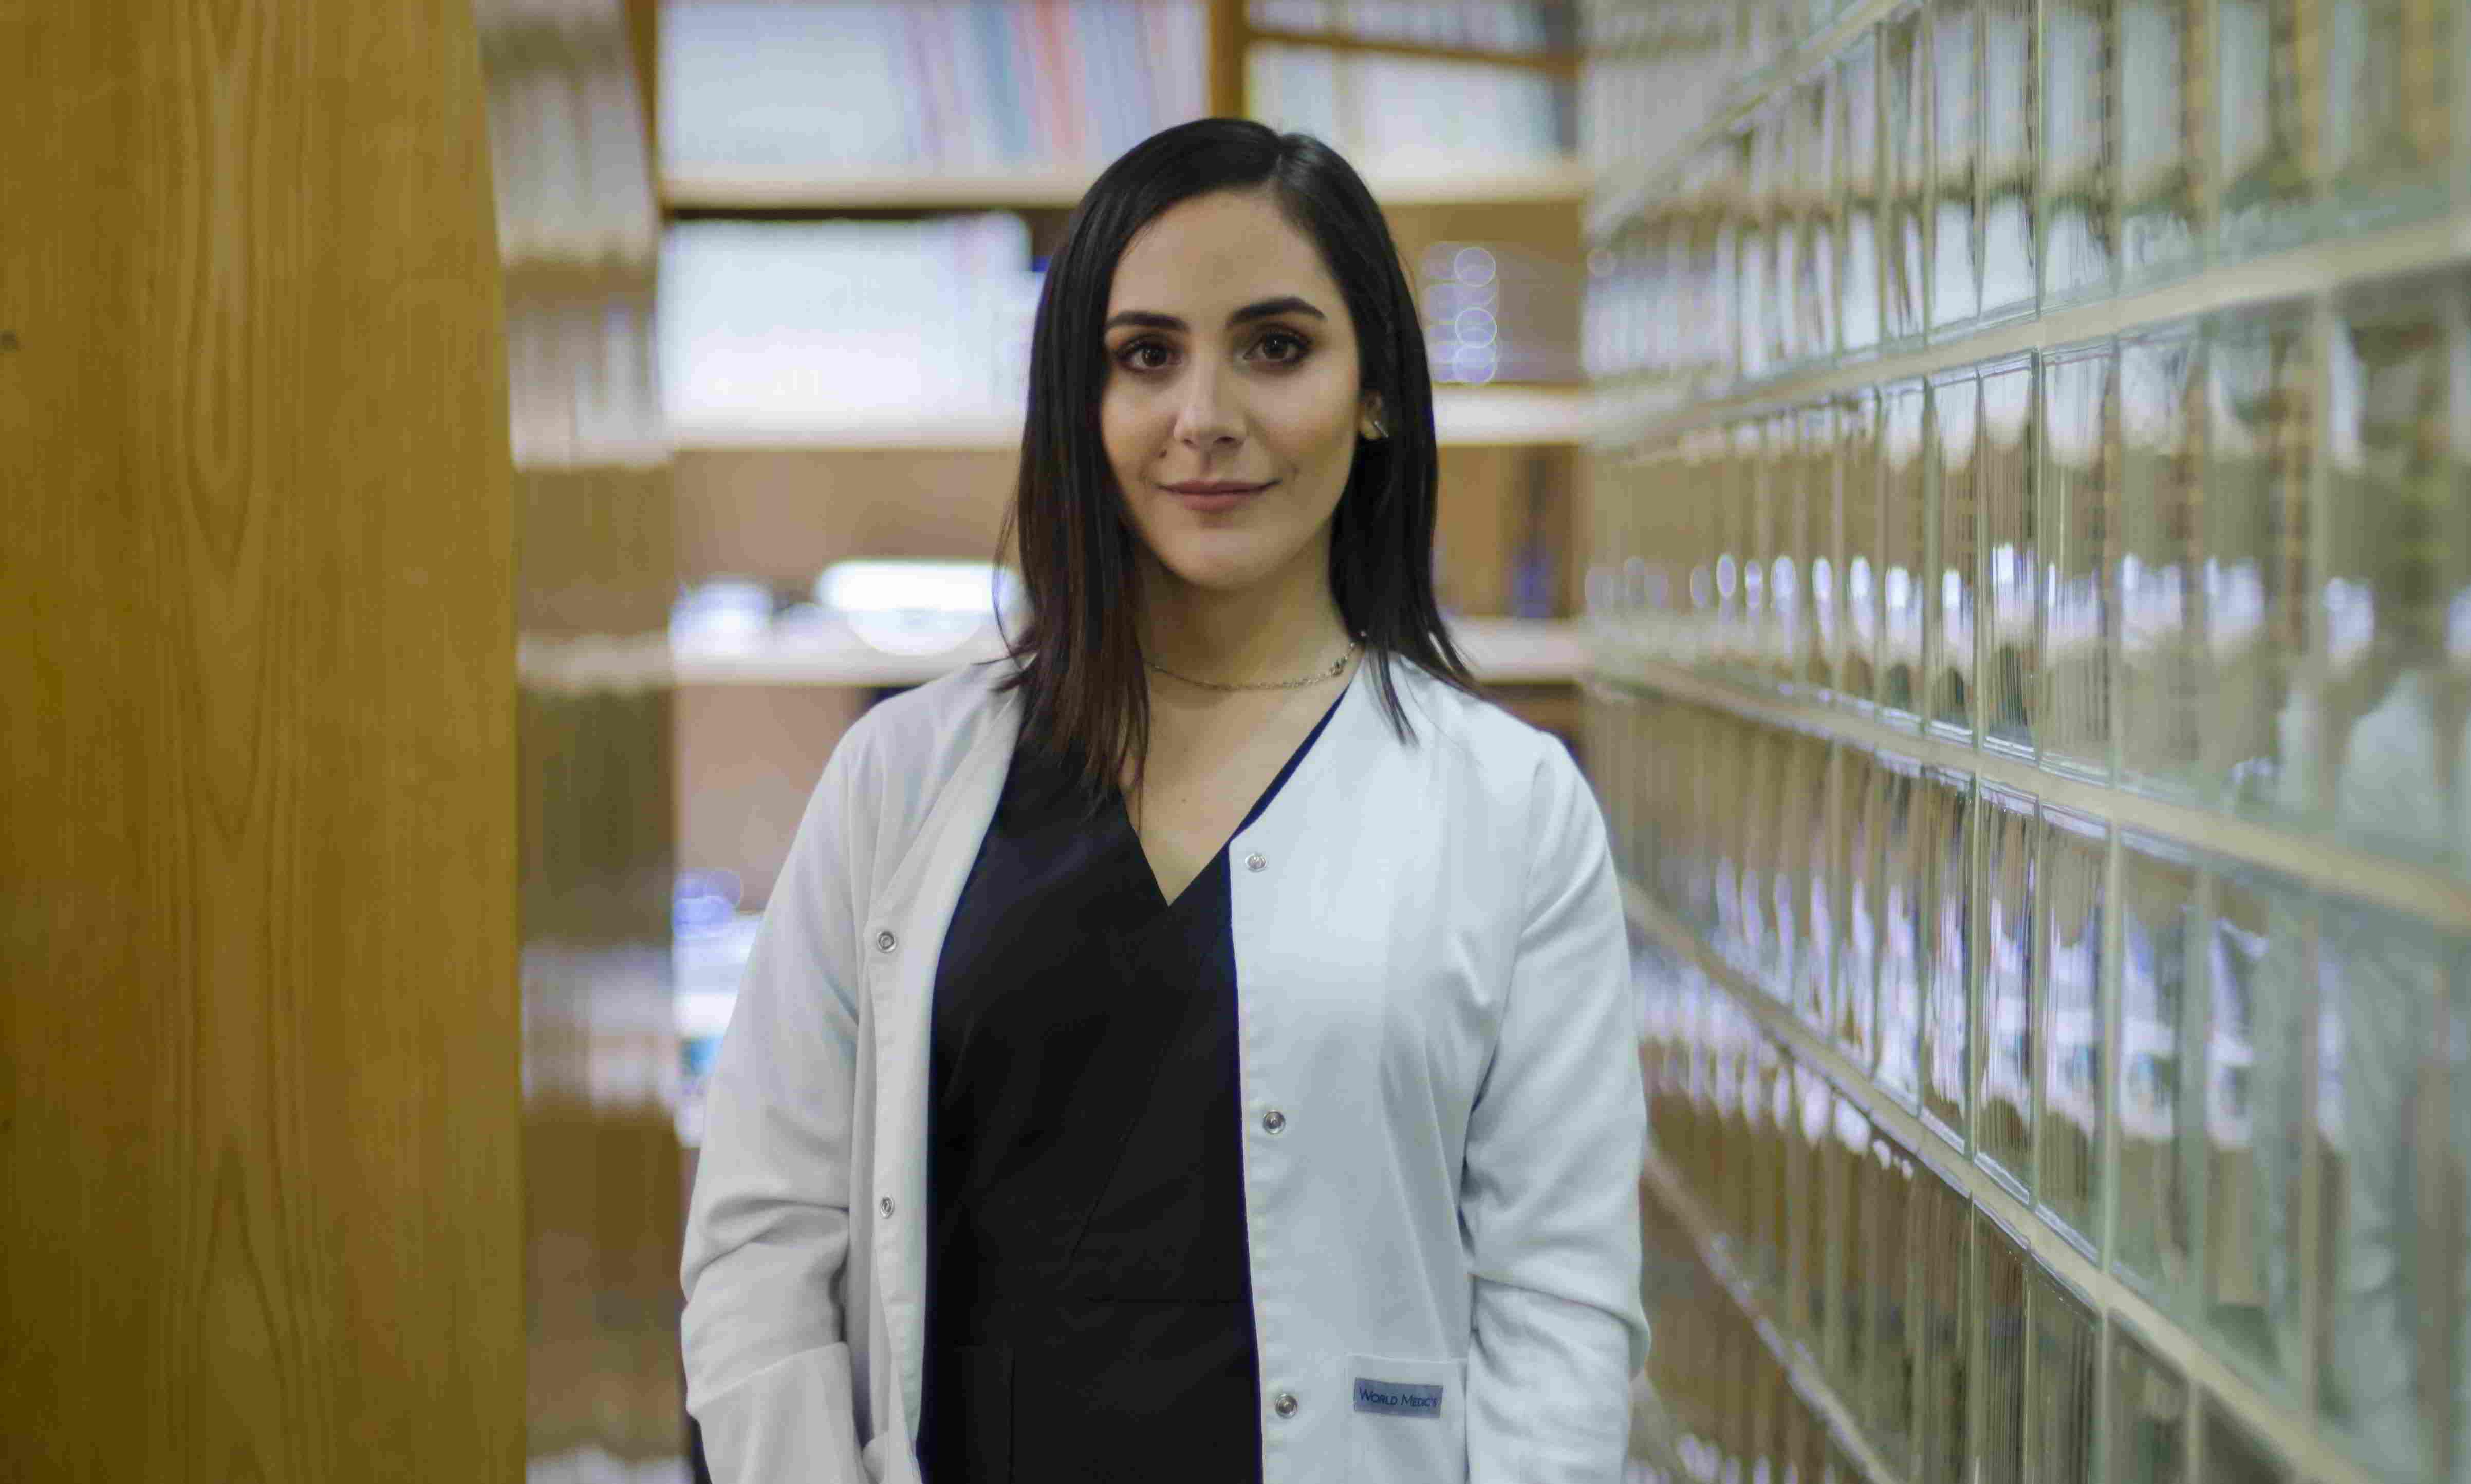 Odontología digital: Estamos creando nuevos protocolos de atención especializada